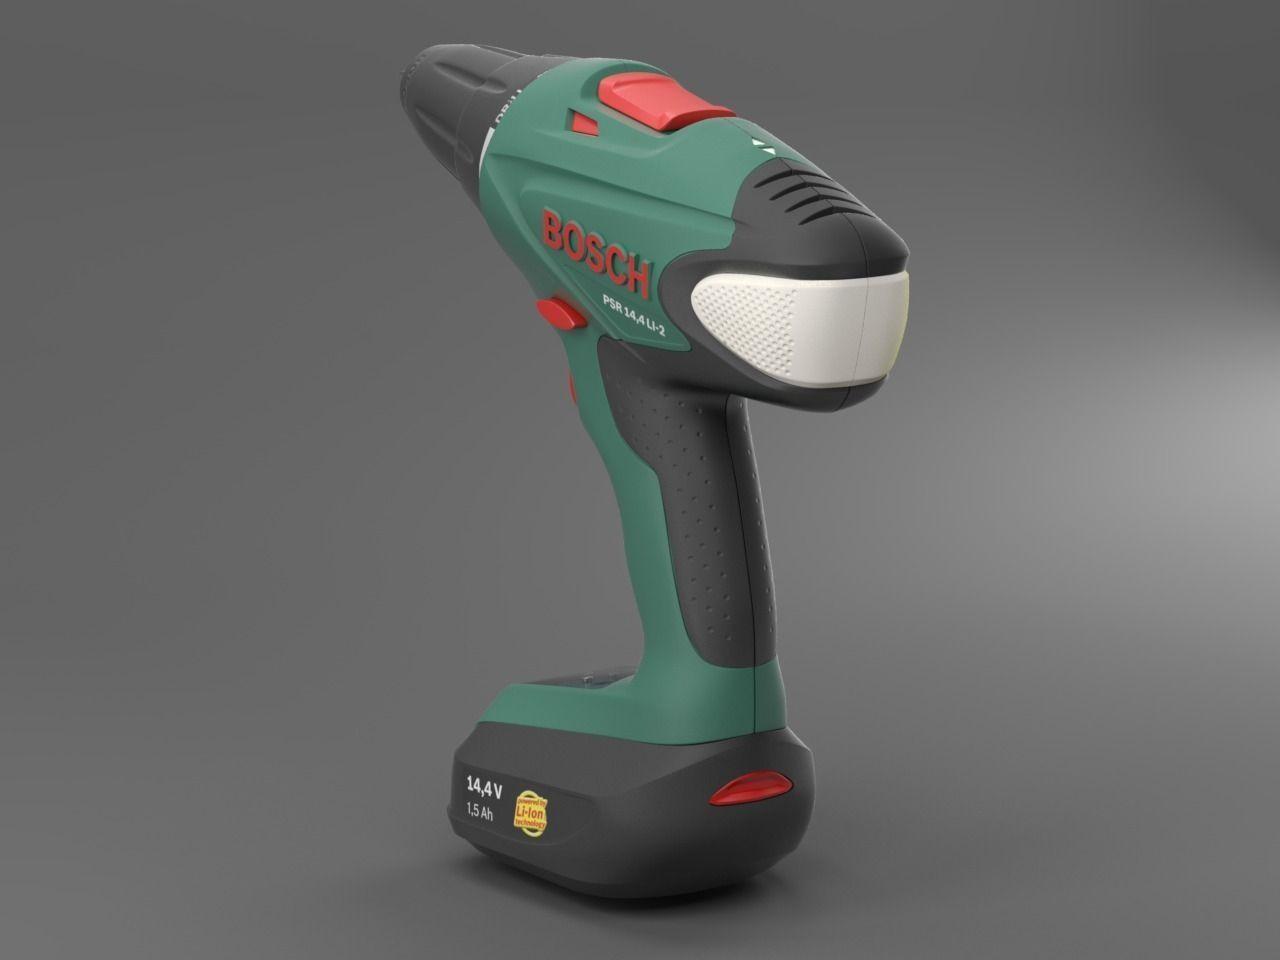 cordless drill screwdriver bosch psr 14 4 3d model max. Black Bedroom Furniture Sets. Home Design Ideas